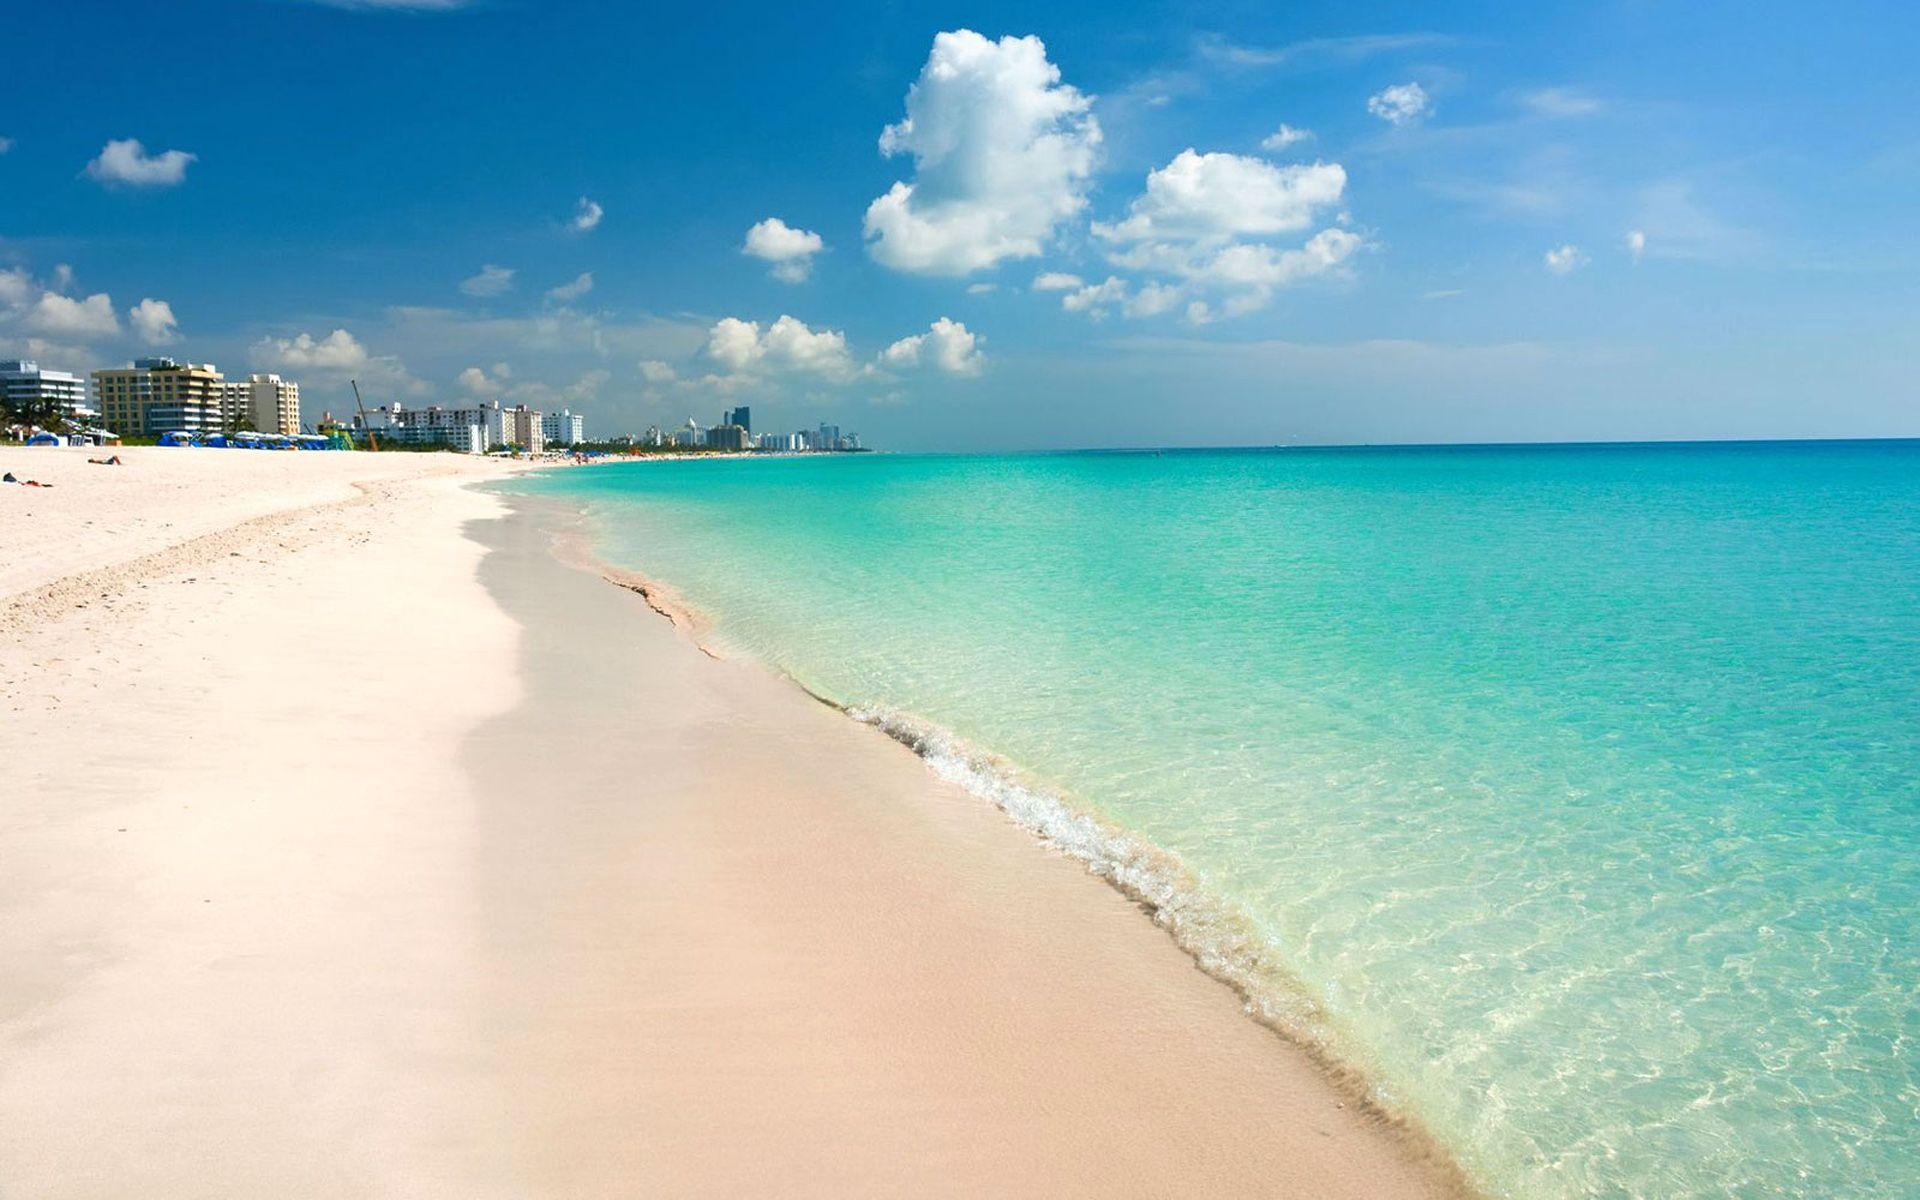 Miami South Beach Florida Desktop Wallpaper Hd 1920x1200 1920x1200